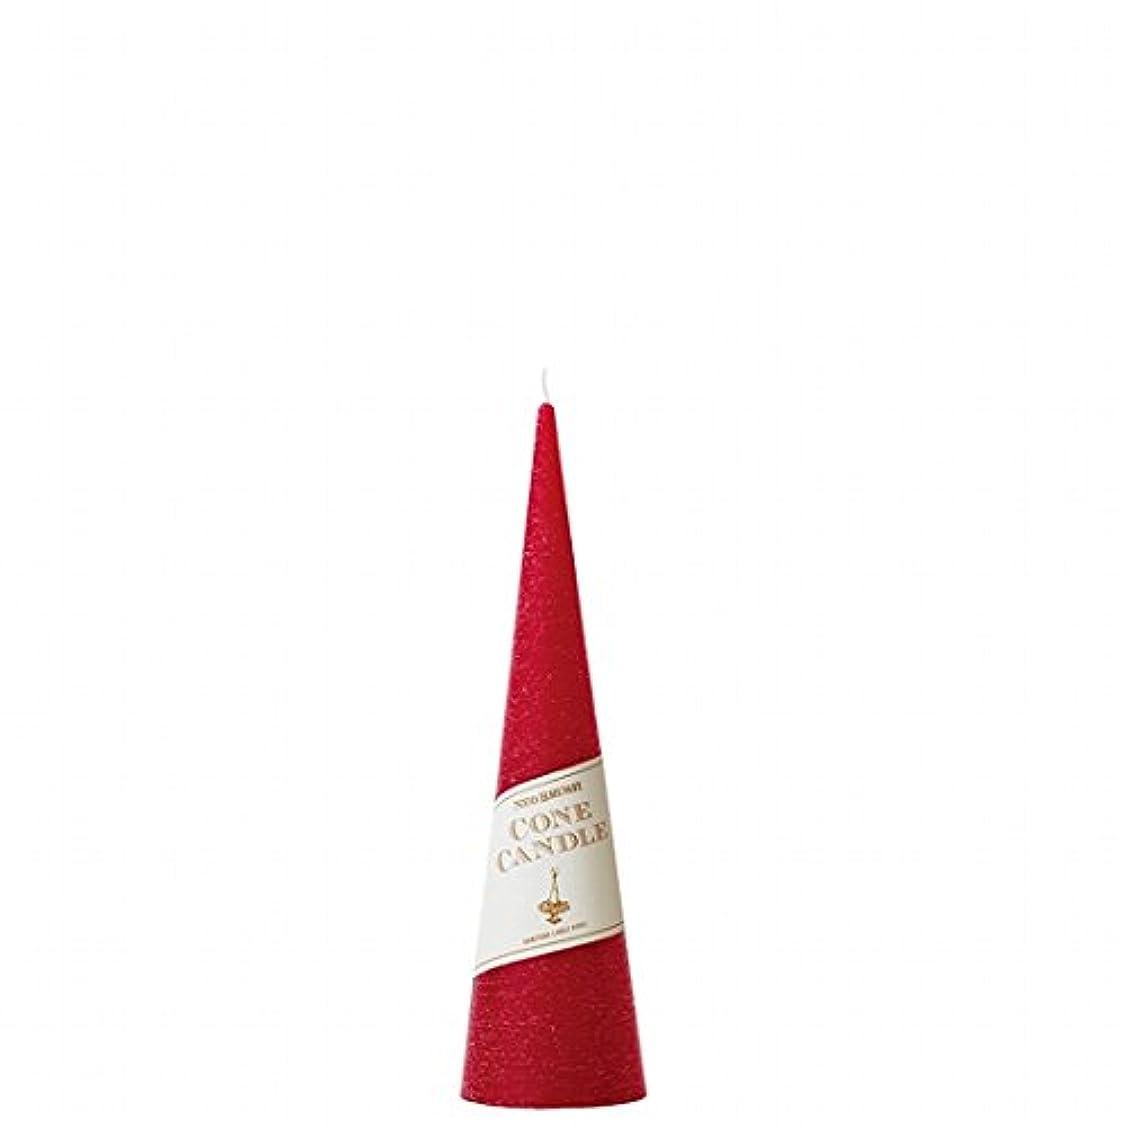 肉腫あなたのもの暗殺者カメヤマキャンドル(kameyama candle) ネオブラッシュコーン 180 キャンドル 「 レッド 」